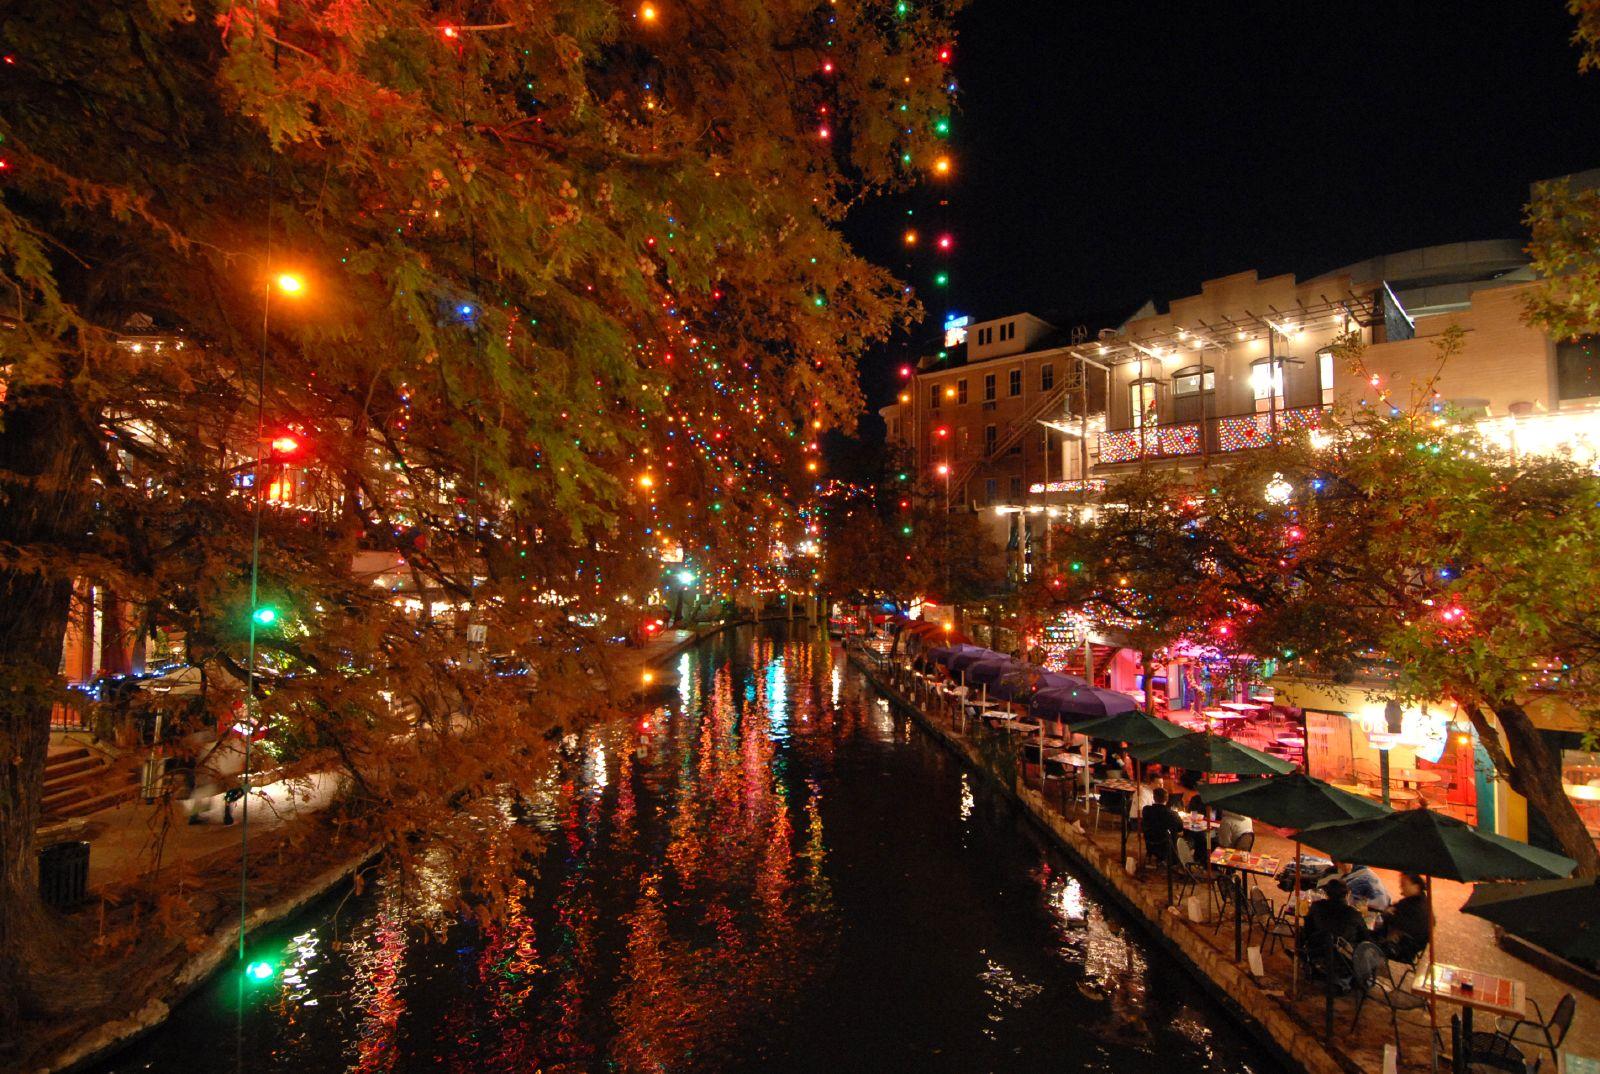 San Antonio Tx December 16 2007 Flickr Photo Sharing